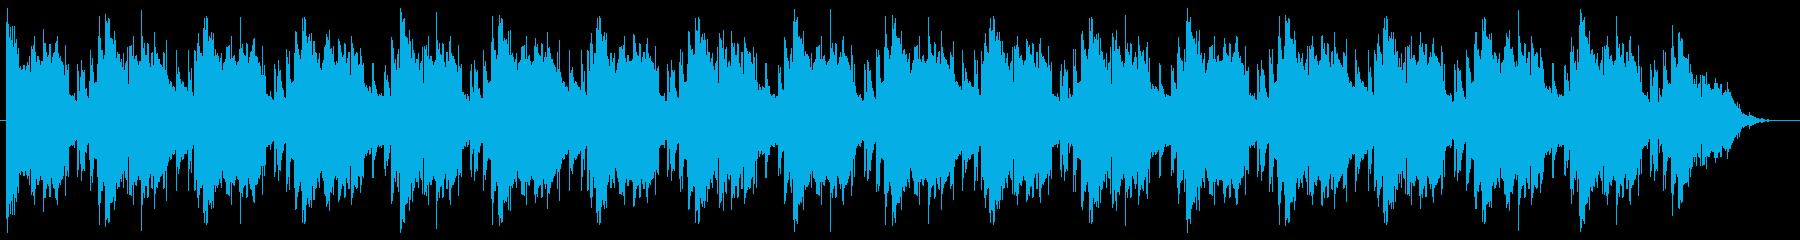 落ち着いたHiphop 旅/vlog/声の再生済みの波形